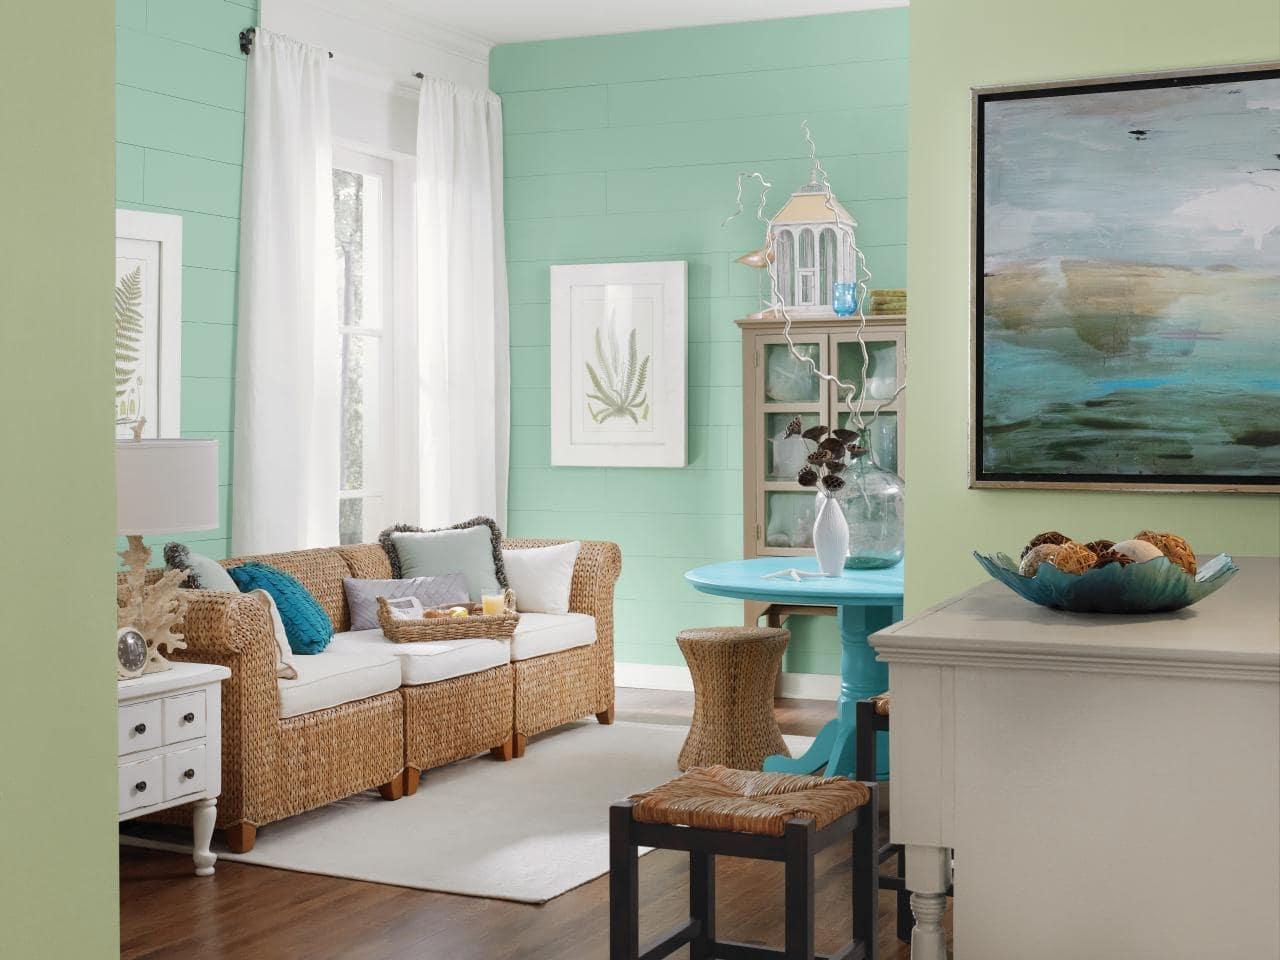 thiết kế nội thất phong cách coastal